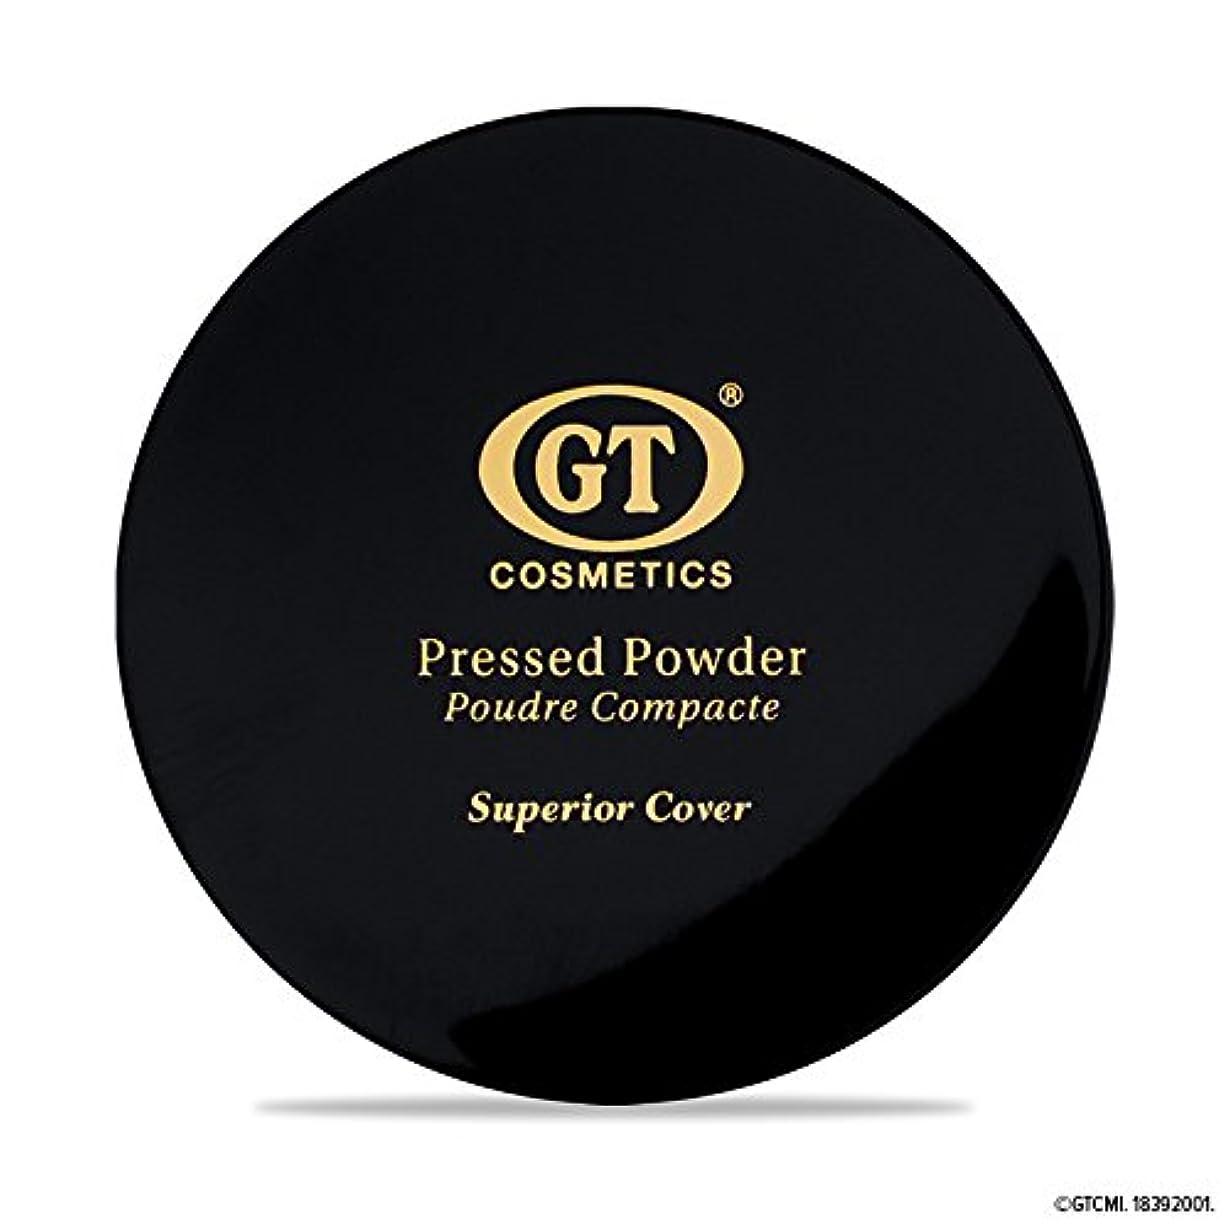 つかむソーセージ高揚したGTpressed powder ナチュラルベージュ SPF20 正規輸入代理店 日本初上陸 コスメティック オーガニック ファンデーション